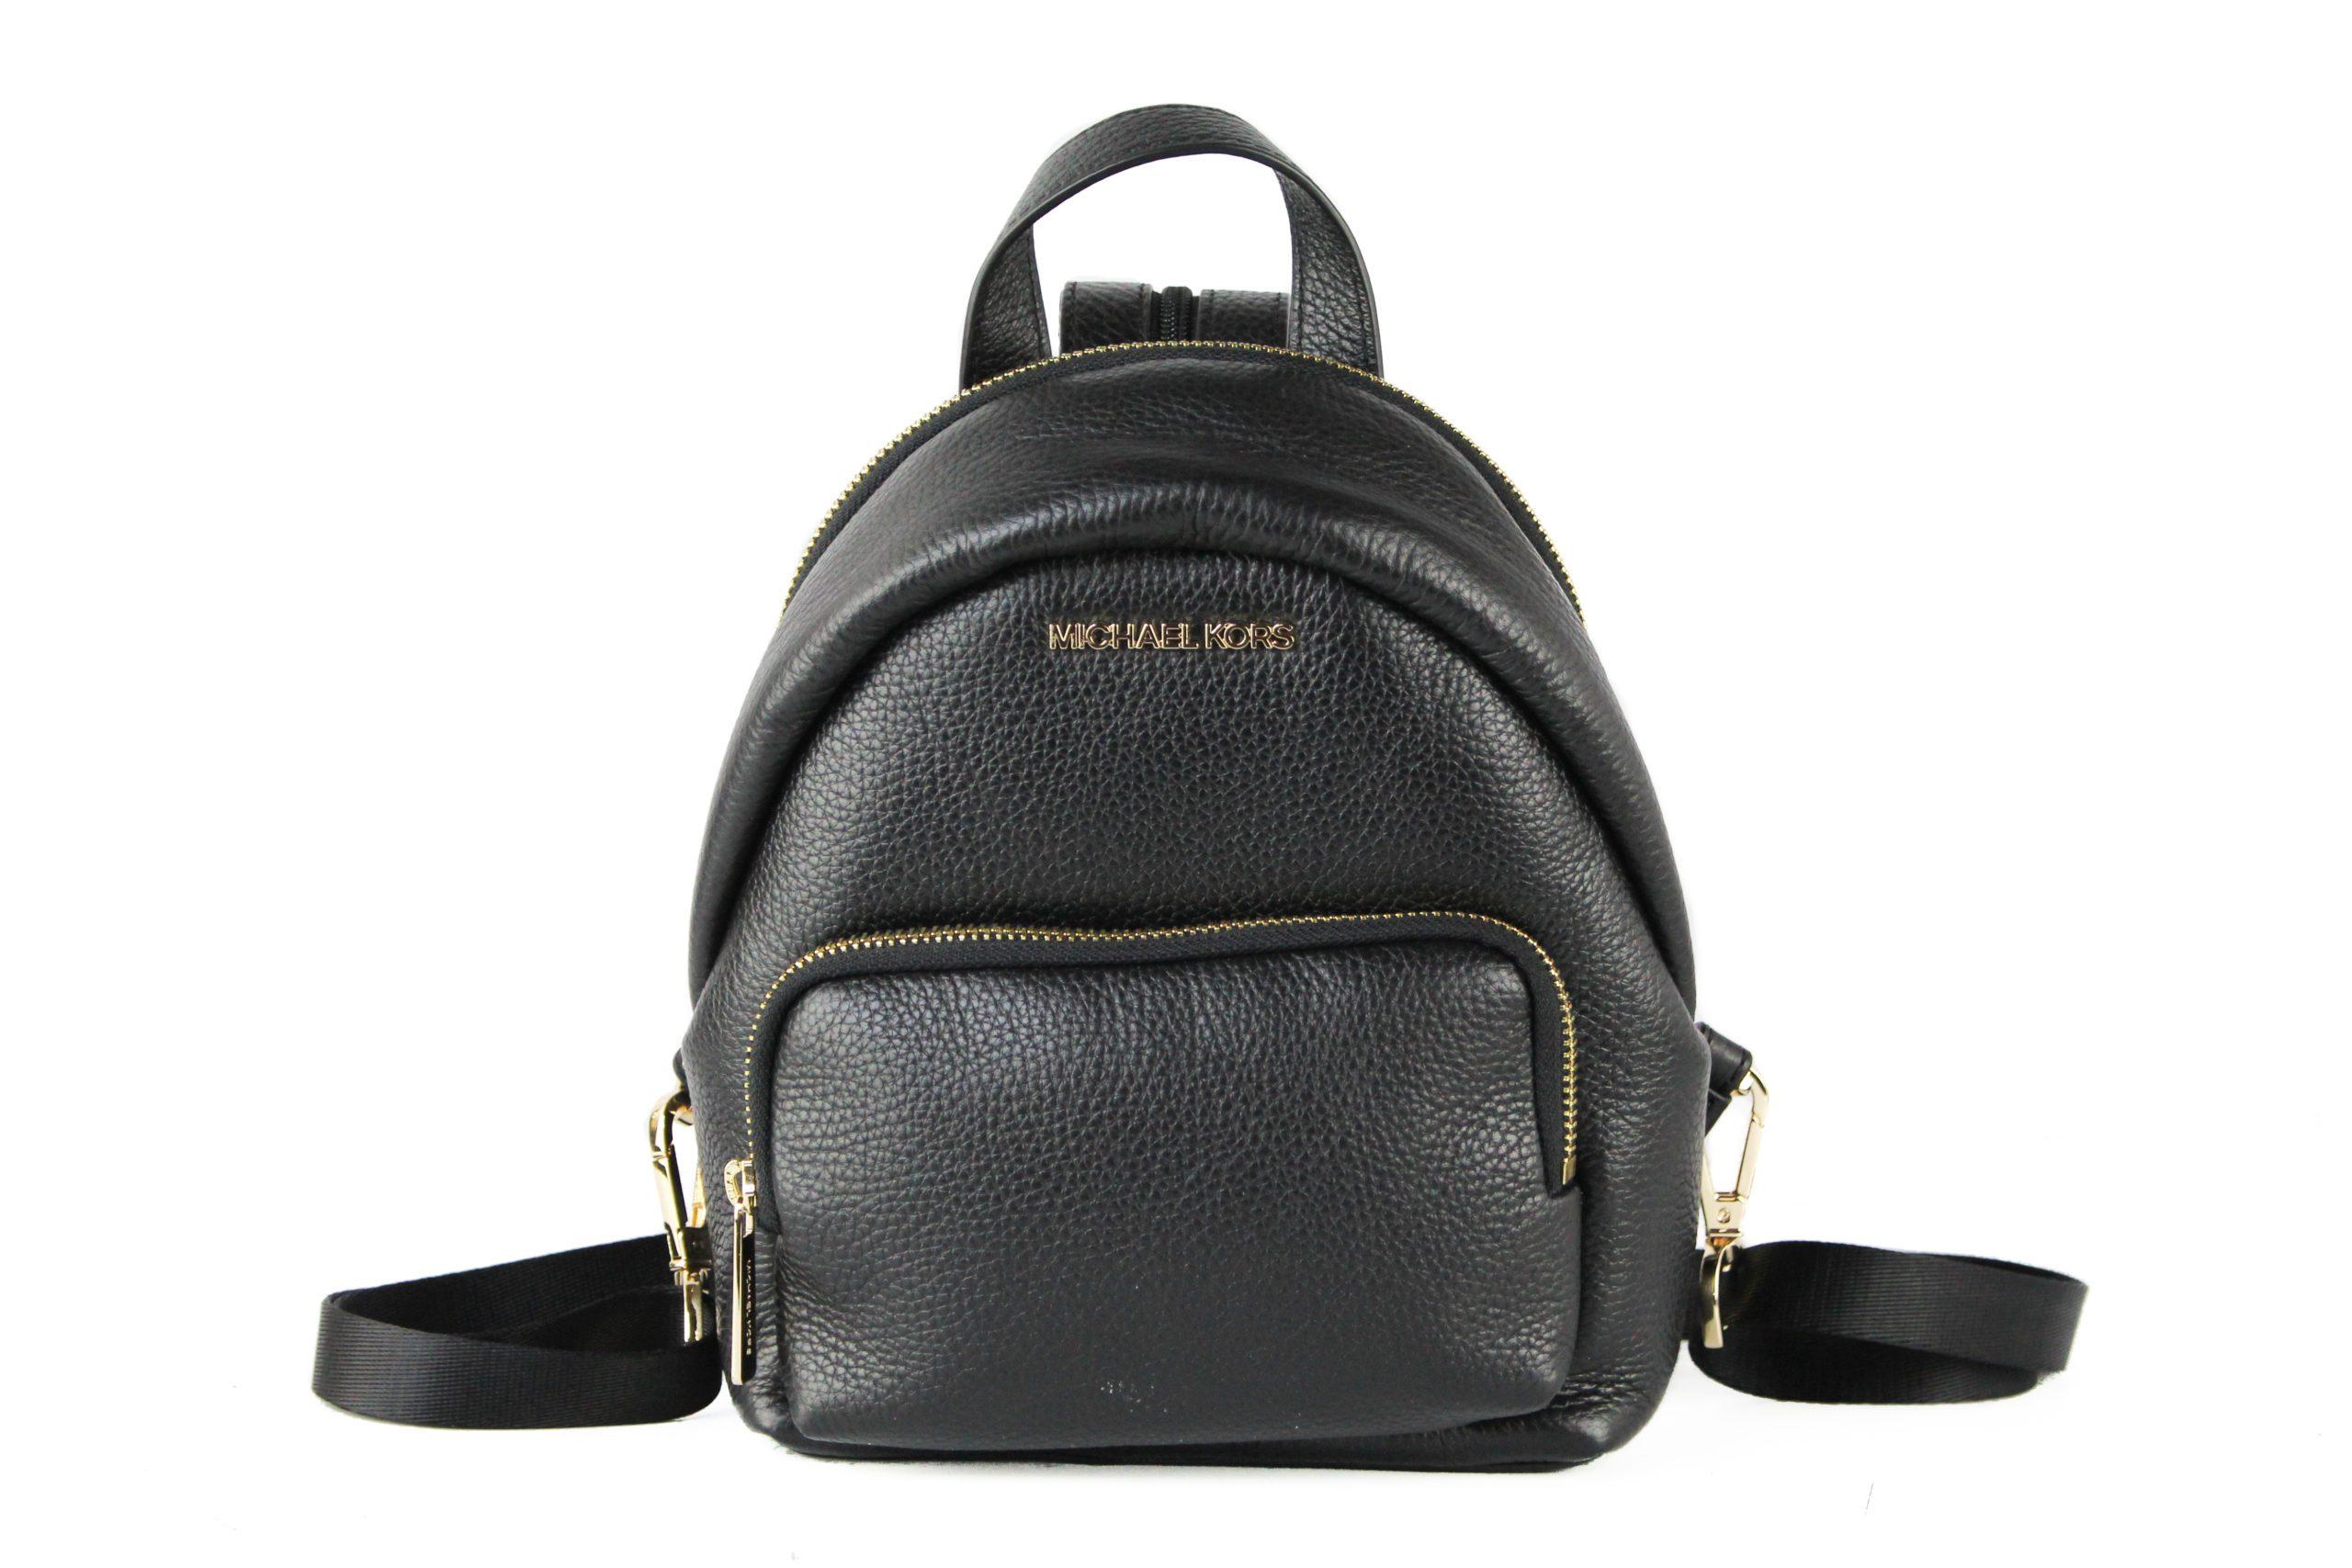 Michael Kors Women's Erin Backpack Black 17883